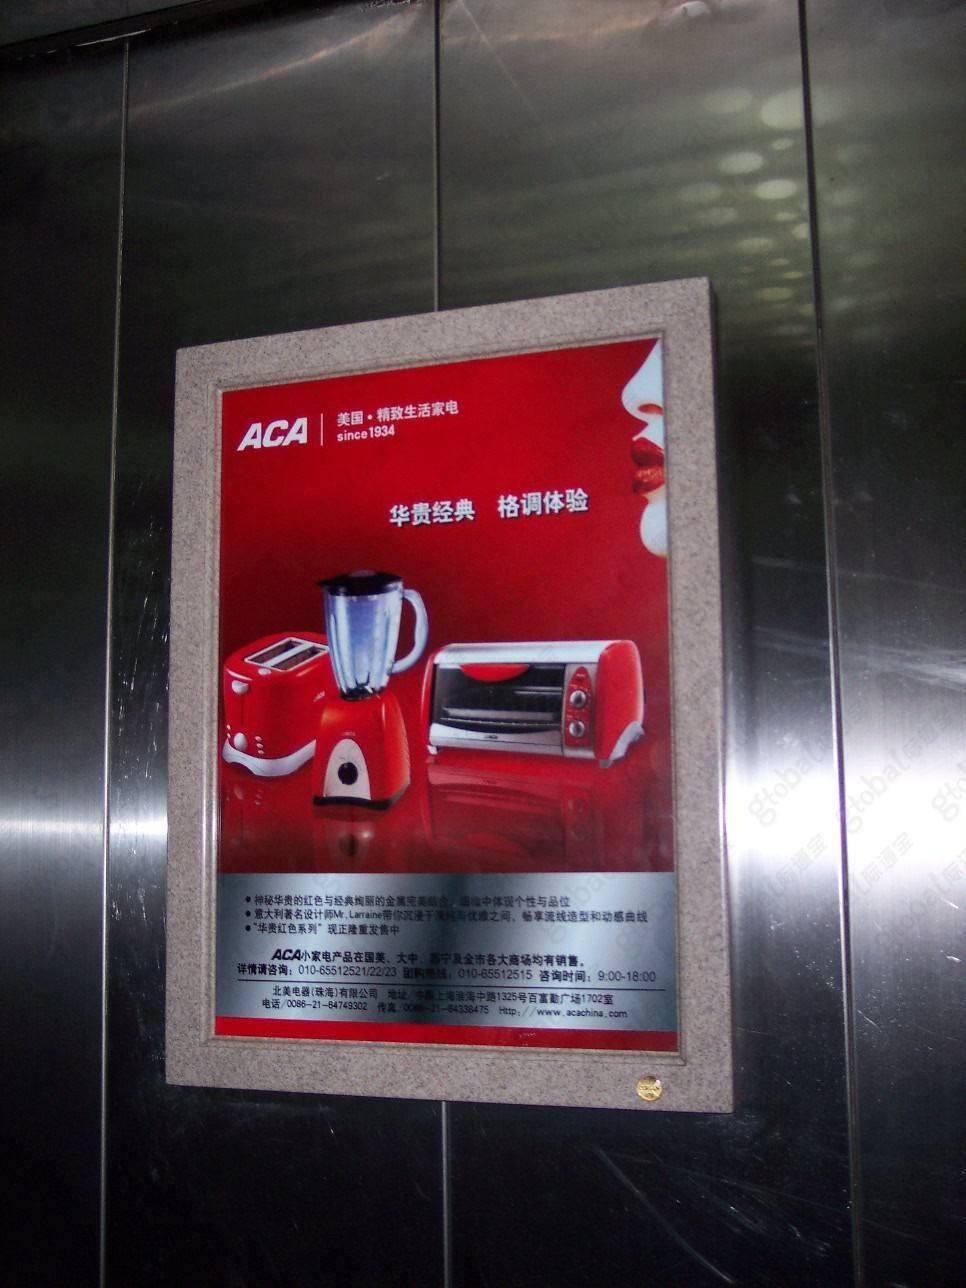 遂宁电梯广告公司广告牌框架3.0投放(100框起投)